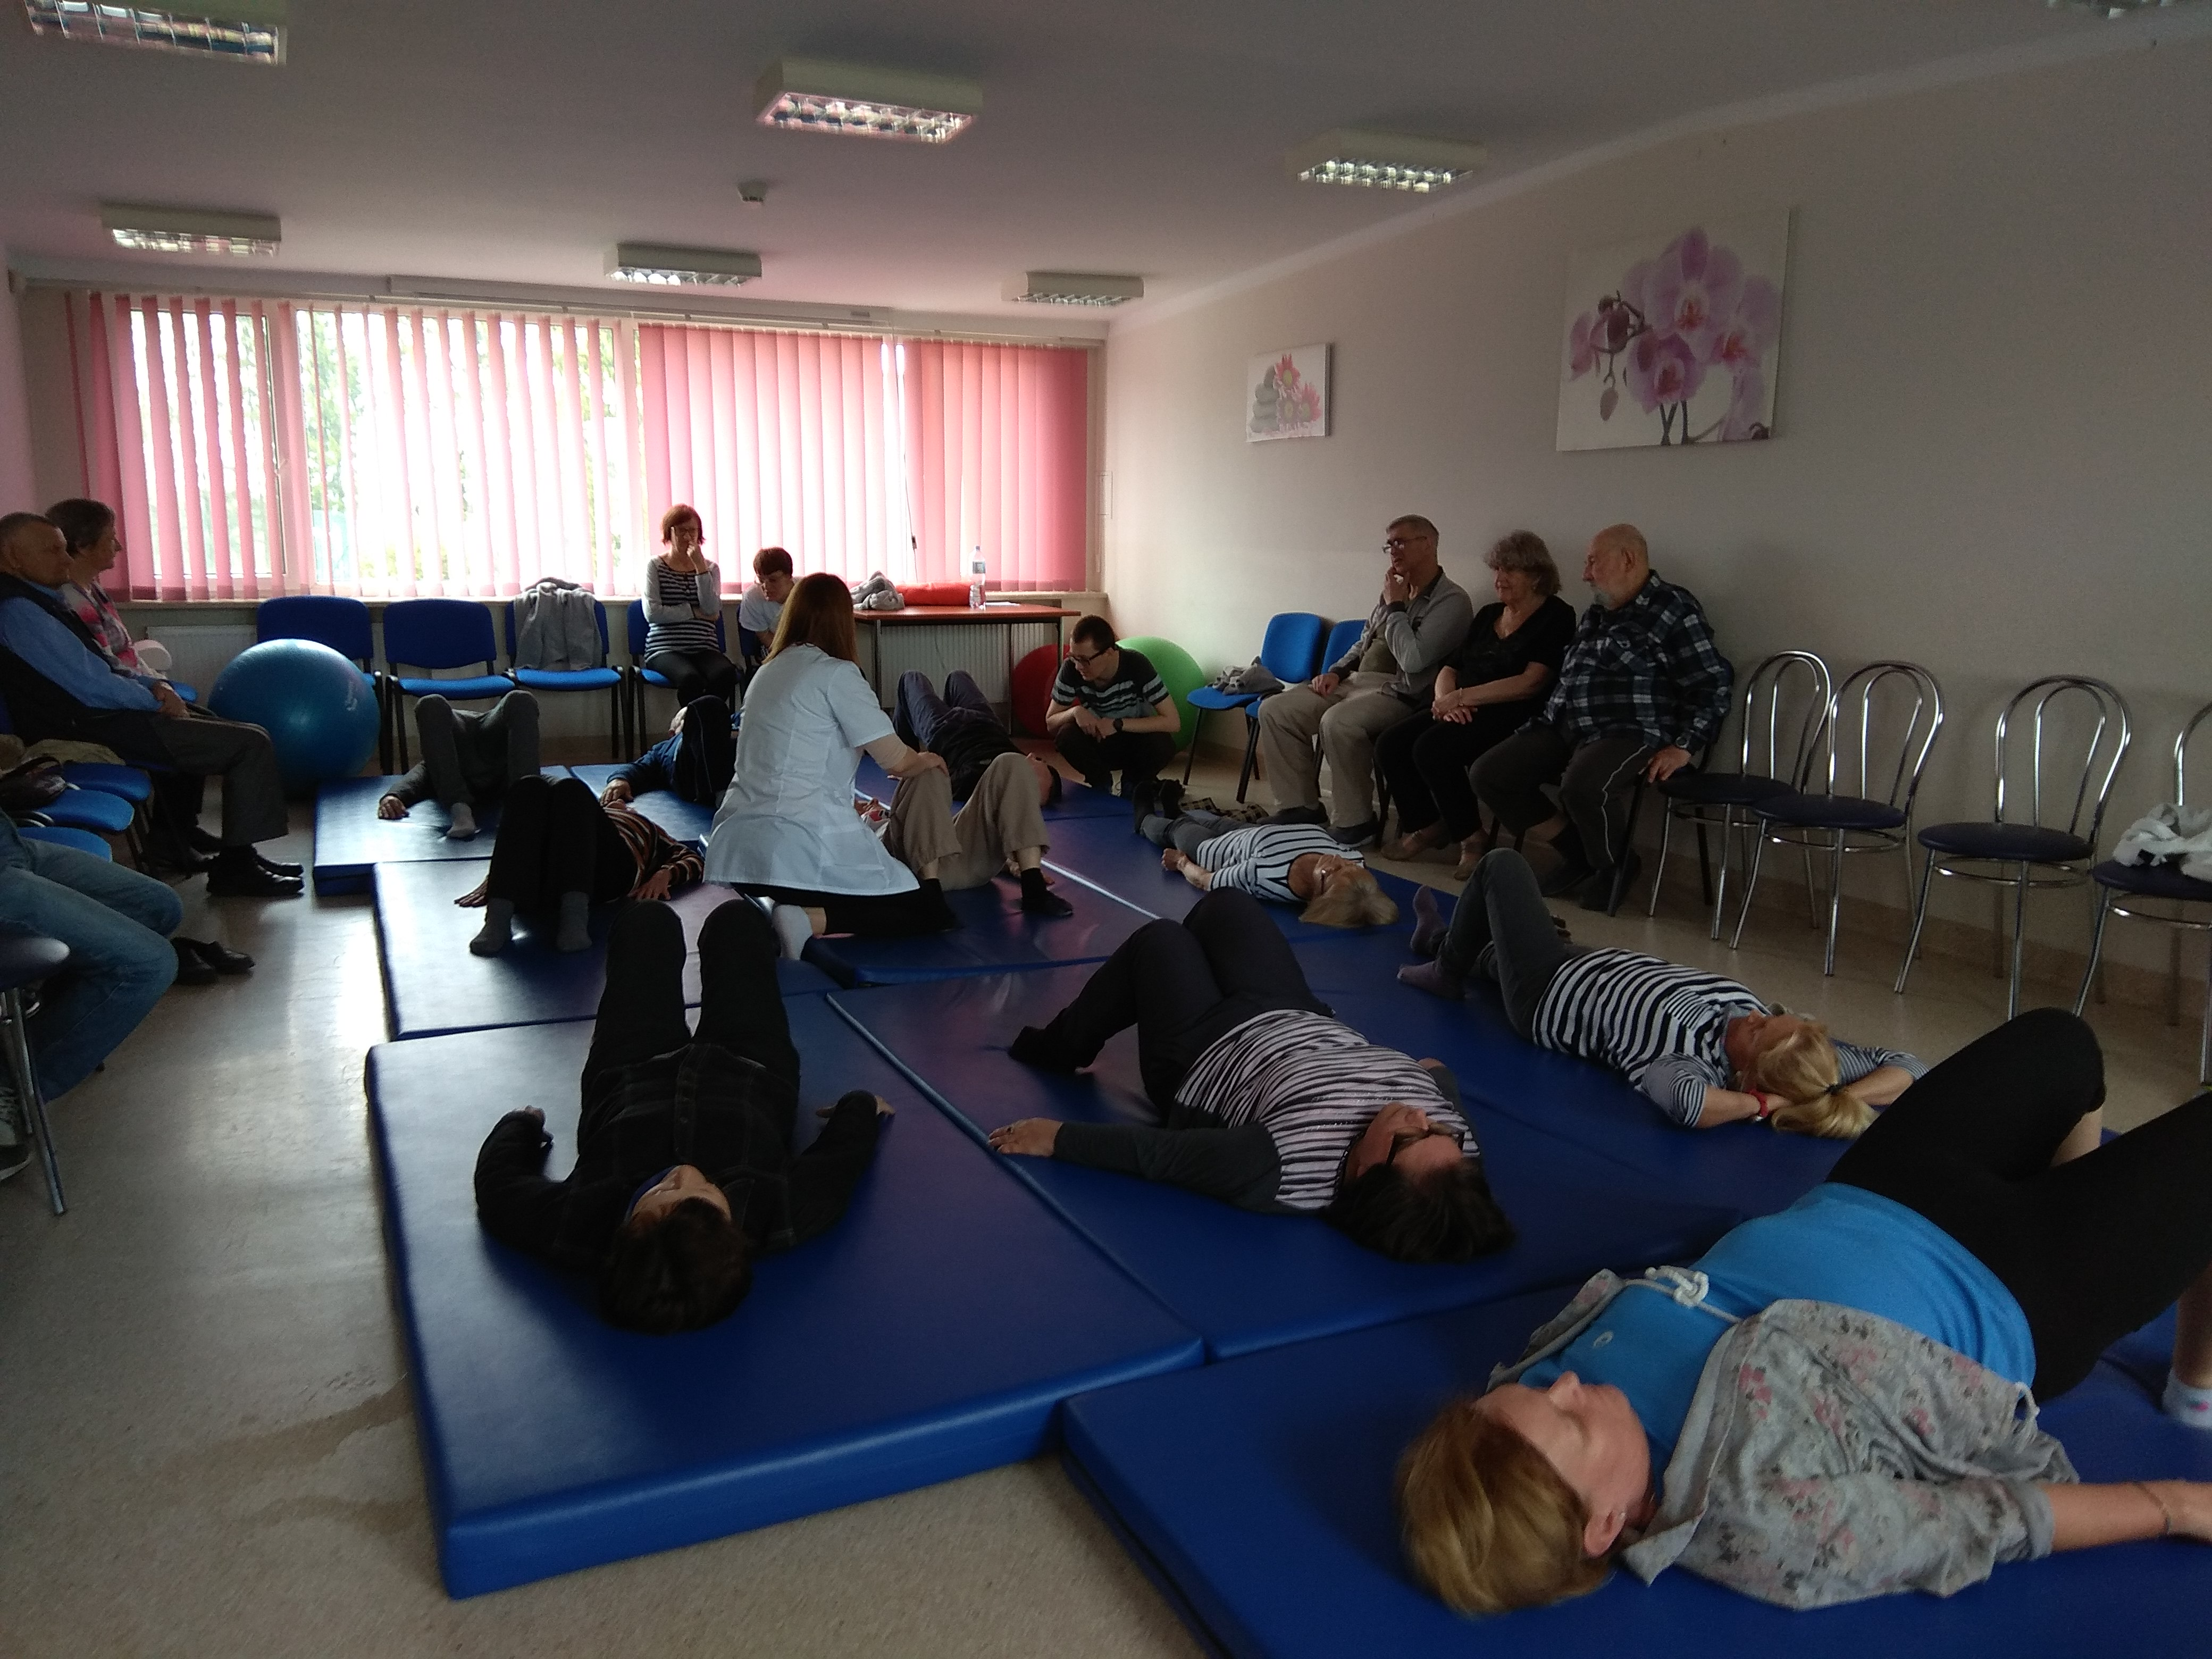 Podczas ćwiczeń – kilkoro uczestników wykonuje ćwiczenia leżąc na plecach, na niebieskich materacach. Wszyscy opierają swe stopy na materacu, a kolana mają zgięte. Pomiędzy nimi przy jednej z osób siedzi fizjoterapeutka opierając swe dłonie na jej kolanach, nadając właściwy przebieg ćwiczenia. Trzy osoby leżące blisko siebie ubrane są w biało – czarne podkoszulki w paski.